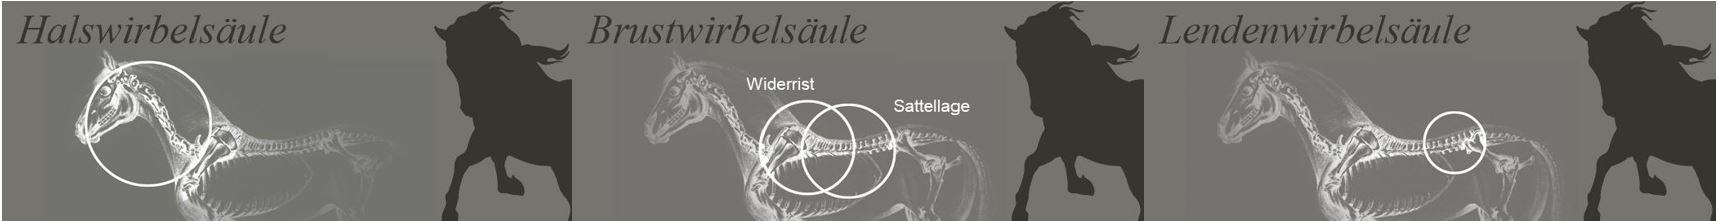 Dr. Gliem, Chiropraktik, Pferdechiropraktiker Eifel, Pferdechiropraktiker, Pferde Chiropraktiker, Pferdechiropraktiker NRW, Ostheopatische Rückenbehandlung beim Pferd, Rückenprobleme beim Pferd lösen, Hilfe bei unklaren Lahmheiten beim Pferd, Hilfe bei Taktfehlern beim Pferd, Hilfe bei Spat, Hilfe bei Kissing Spines, Hilfe bei Ataxie, Osteopath, Pferd Lahmheit, Osteopath NRW, Rückenmobilisation, Rückengesundheit Pferde, Chiropraktiker NRW, Osteopathie für Pferde, Rückenblockaden lösen, alternative Hilfe bei Rückenproblemen, Dorn Therapeut, Rückenempfindlichkeit Pferd, Rückenbehandlung Pferd; Rückenschmerzen beim Pferd, Rückenbehandlung beim Pferd, Pferdechiropraktiker NRW, Rittigkeitsprobleme Pferd, Spat Ataxie behandeln, Taktfehler Pferd, Schmerzen Pferd, Pferdetierarzt, Dr. Gliem, Pferdetierarzt, Chiropraktik, Pferdechiropraktiker Eifel, Pferdechiropraktiker, Pferde Chiropraktiker, Pferdechiropraktiker NRW, Ostheopatische Rückenbehandlung beim Pferd, Rückenprobleme beim Pferd lösen, Hilfe bei unklaren Lahmheiten beim Pferd, Hilfe bei Taktfehlern beim Pferd, Hilfe bei Spat, Hilfe bei Kissing Spines, Hilfe bei Ataxie, Osteopath, Pferd Lahmheit, Osteopath NRW, Rückenmobilisation, Rückengesundheit Pferde, Chiropraktiker NRW, Osteopathie für Pferde, Rückenblockaden lösen, alternative Hilfe bei Rückenproblemen, Dorn Therapeut, Rückenempfindlichkeit Pferd, Pferd, Rücken, Wirbelsäule, Wirbelschiestand Pferd, Einrenker, Pferdeosteopath, Osteopath Pferd, Rittigkeitsprobleme Pferd, Lahmheit Pferd, Taktfehler Pferd, Rückenschmerzen Pferd, Pferdechiropraktiker, Tierarzt Pferd, Pferdetierarzt, Rückenbehandlung Pferd, Rittigkeitsprobleme Pferd, Rückenschmerzen Pferd, Schmerzen Pferd, Alternativmedizin Pferd, Pferdegesundheit